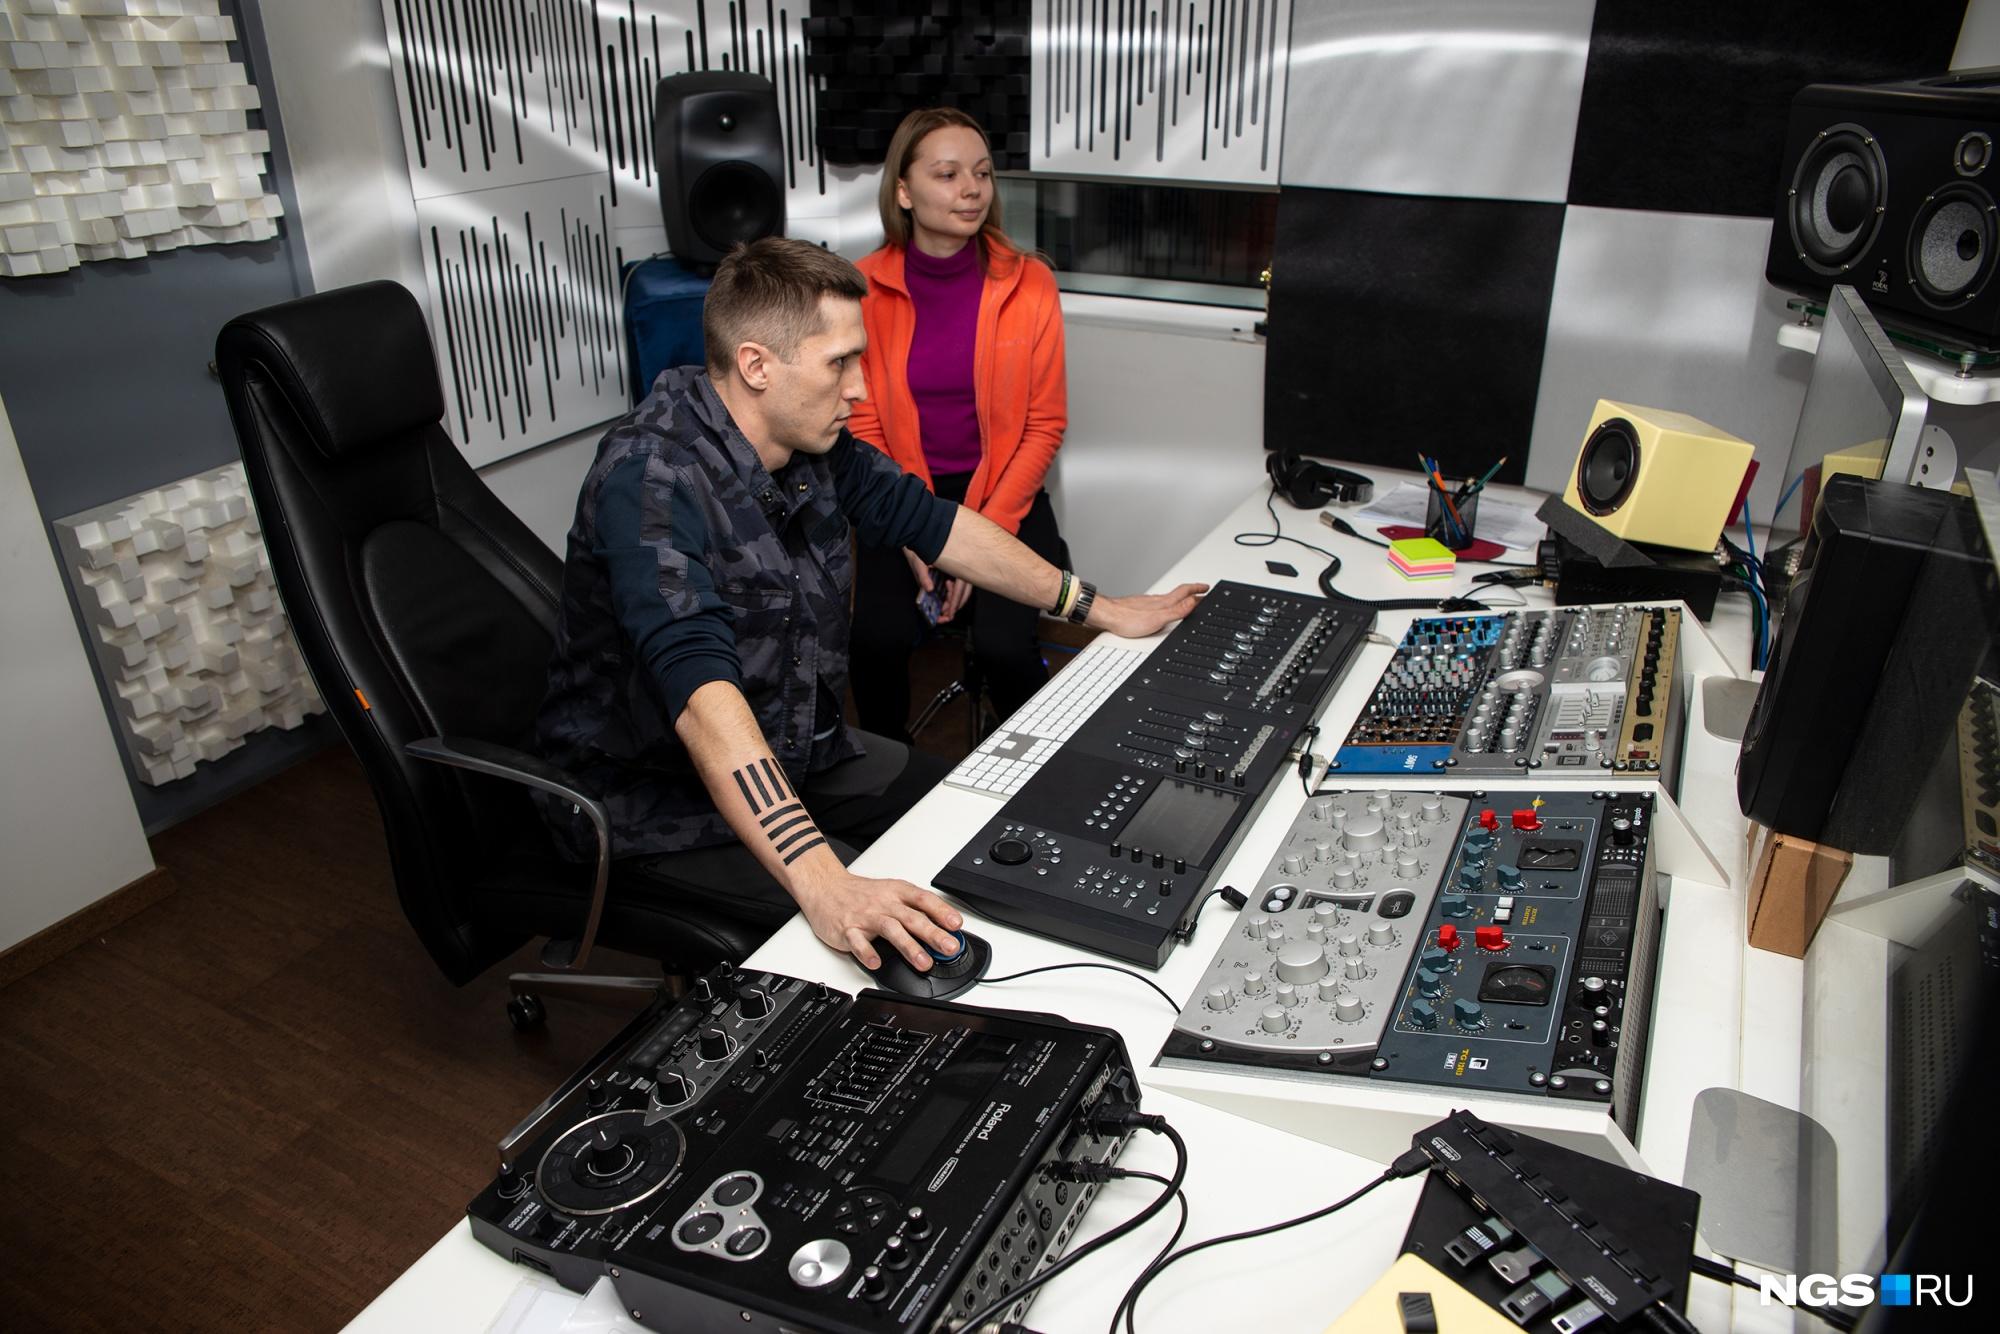 Симфония Вегнера: торговец окорочками открыл студию звукозаписи за 25 миллионов